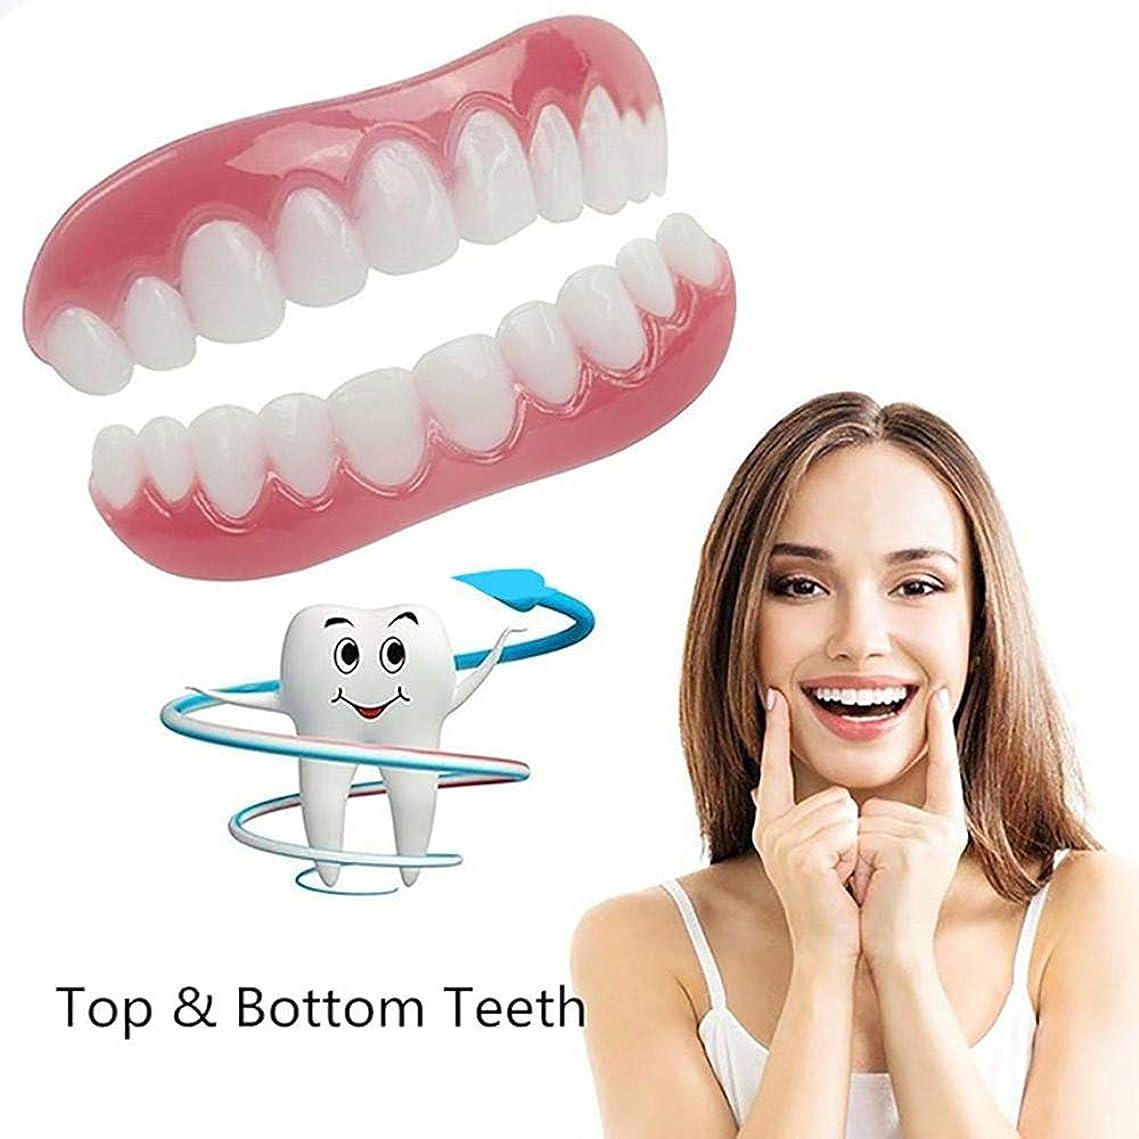 浅い有益なファランクスパーソナルデンタルケア上下の義歯ベニアの快適な化粧用歯悪い歯を修正する新しいスマイリーフェイスシリコンブレースを白くする,2pairs